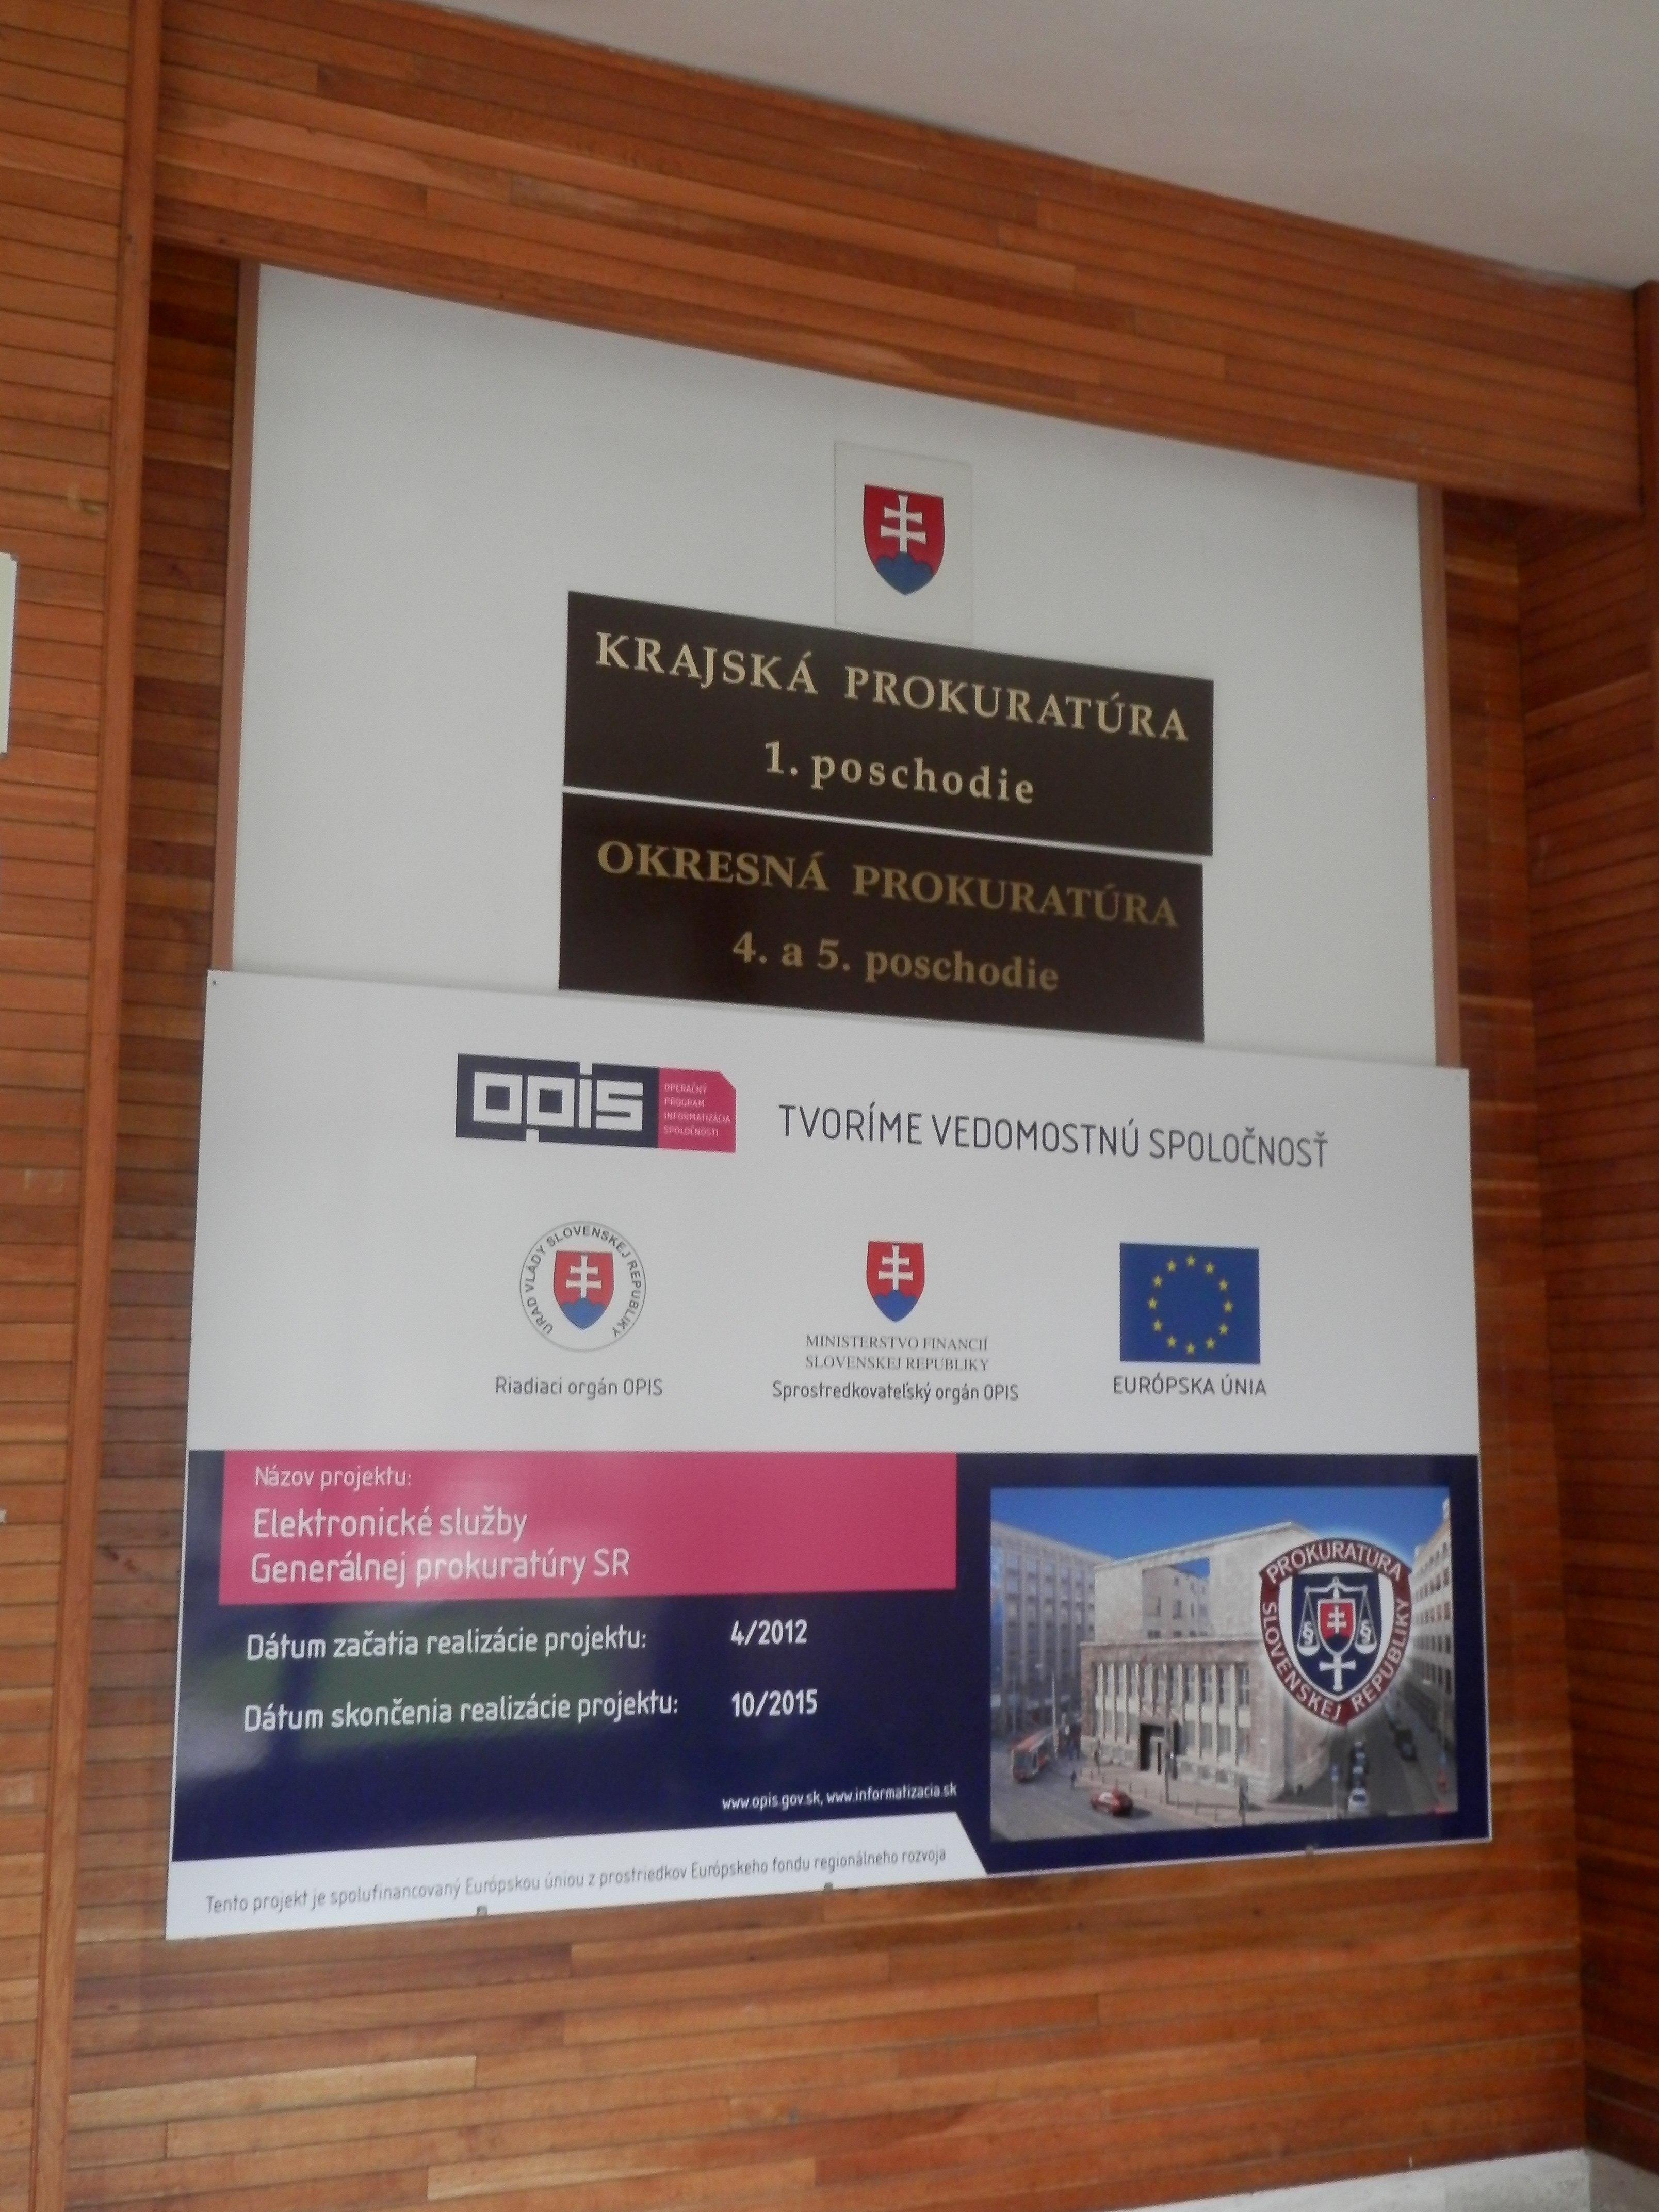 File Krajská prokuratúra Prešov 18 Slovakia1.jpg - Wikimedia Commons 4db6dc04879